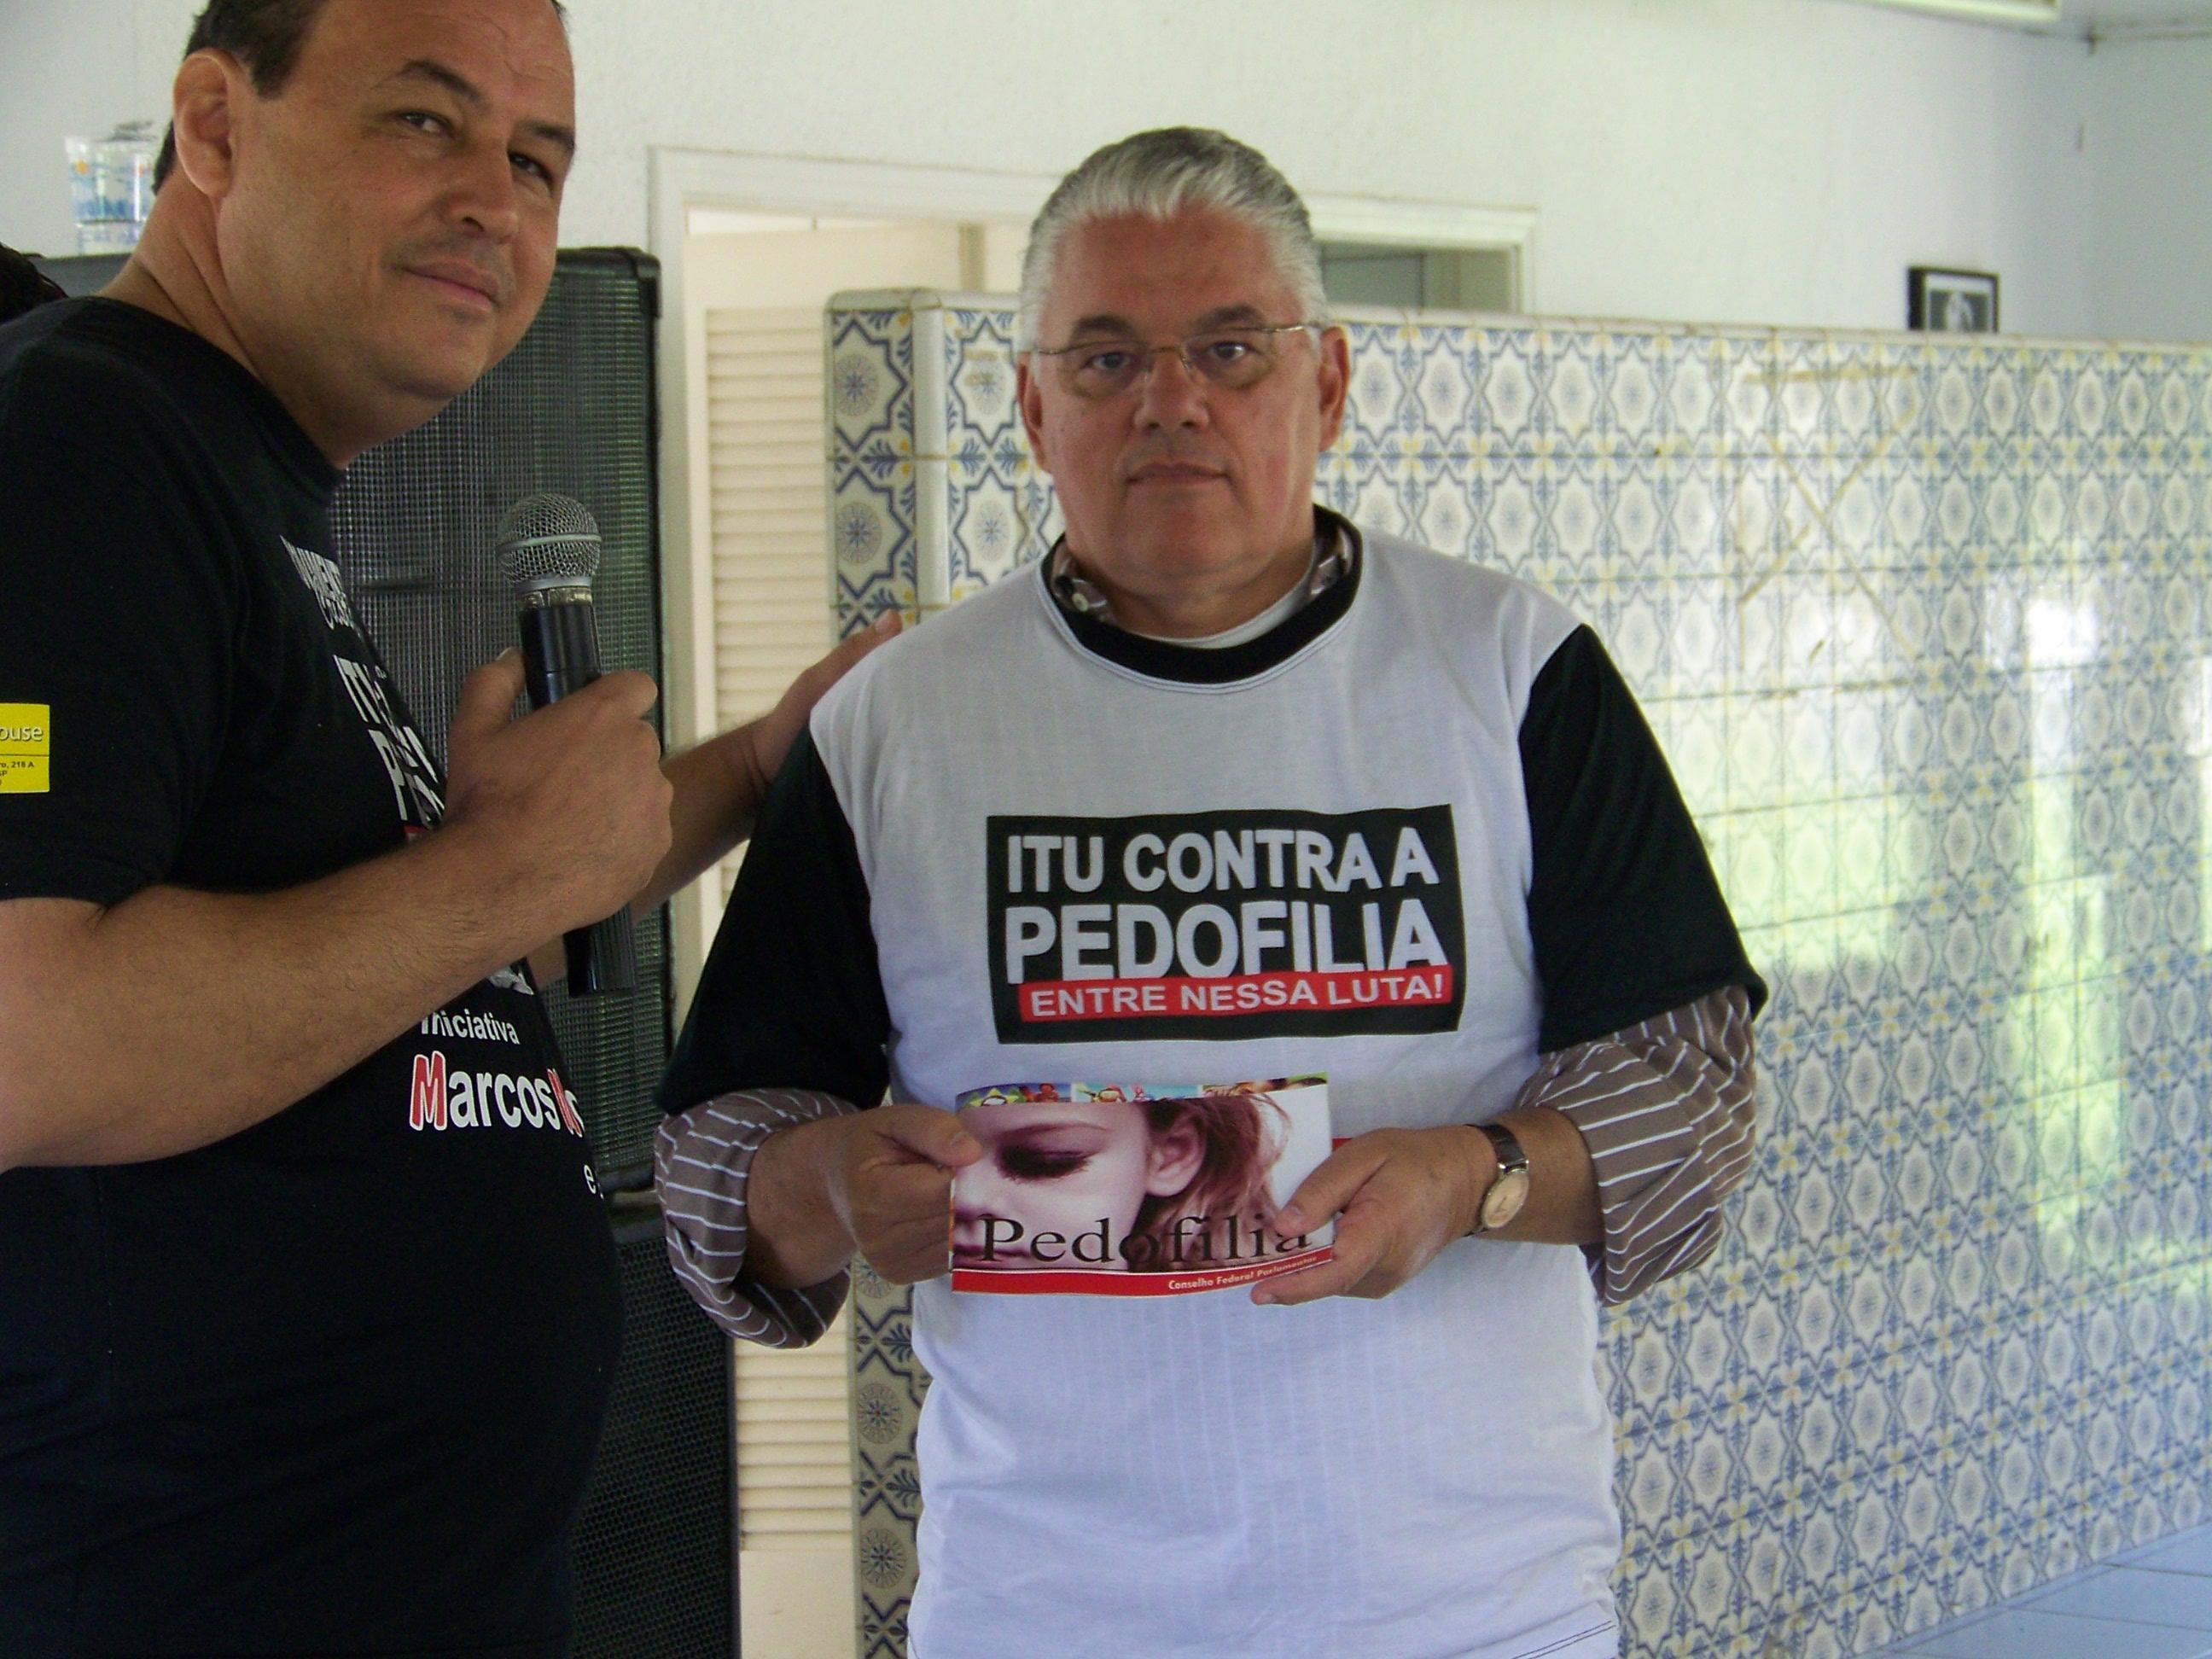 CONFEP realiza palestra sobre pedofilia em Itú - SP, por iniciativa do nosso Delegado Adjunto o ex-vereador Marcos Moraes .